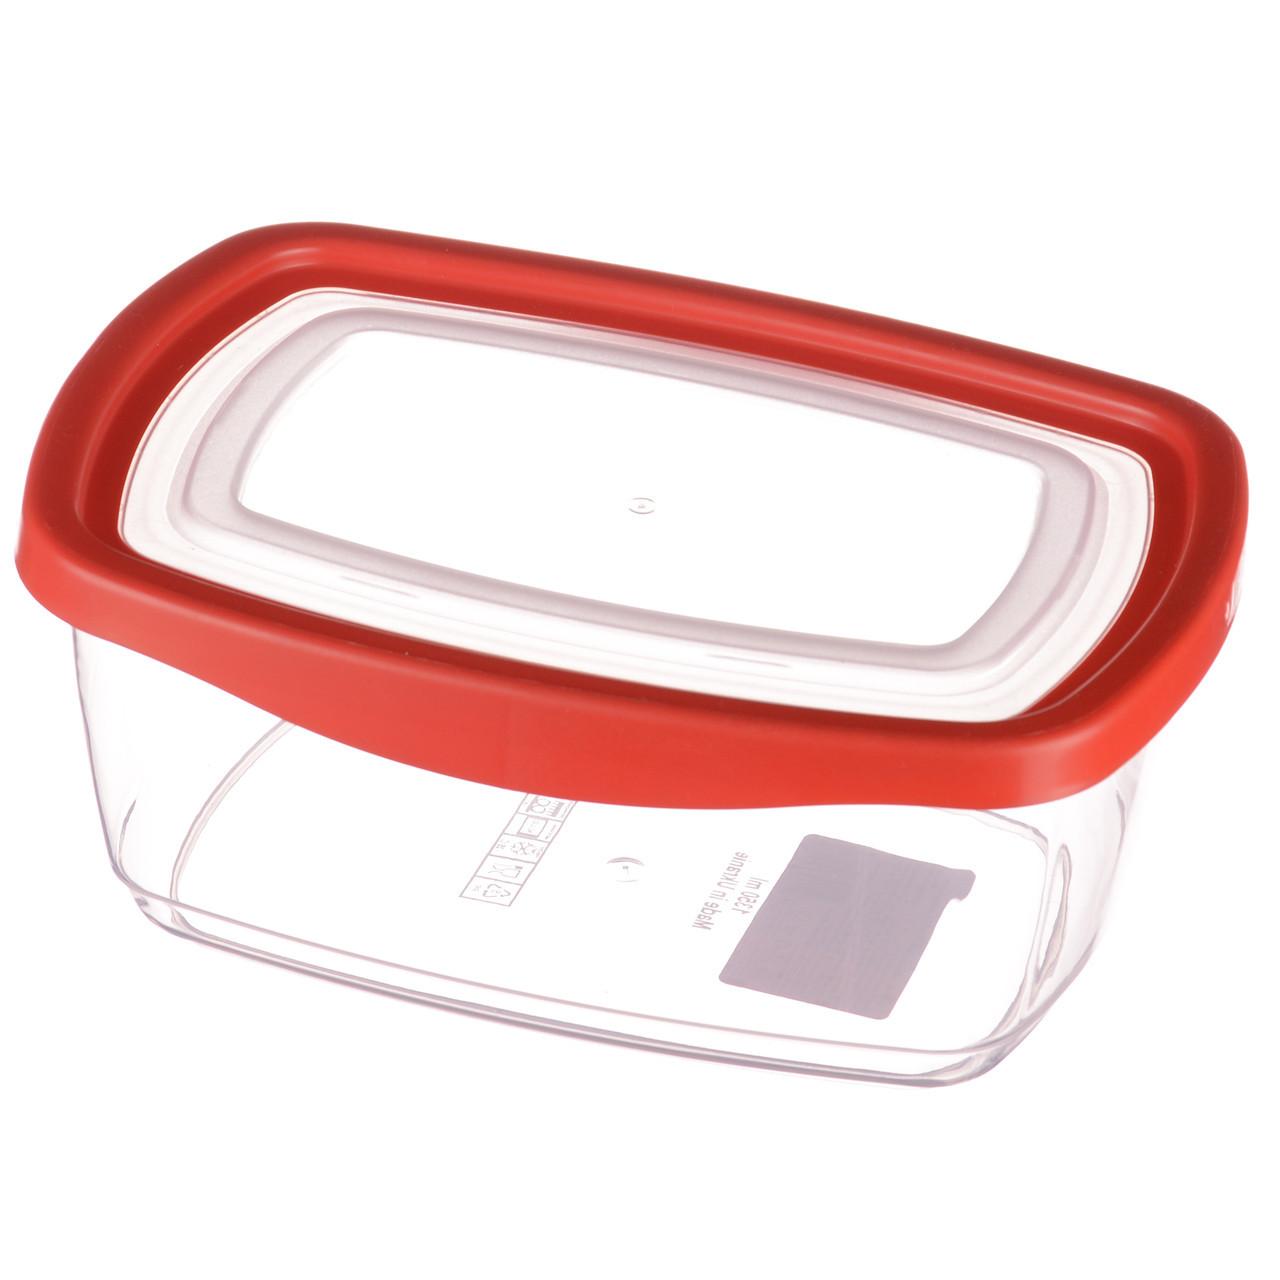 Герметичный контейнер Ал-Пластик KEEPER 1,35 Л